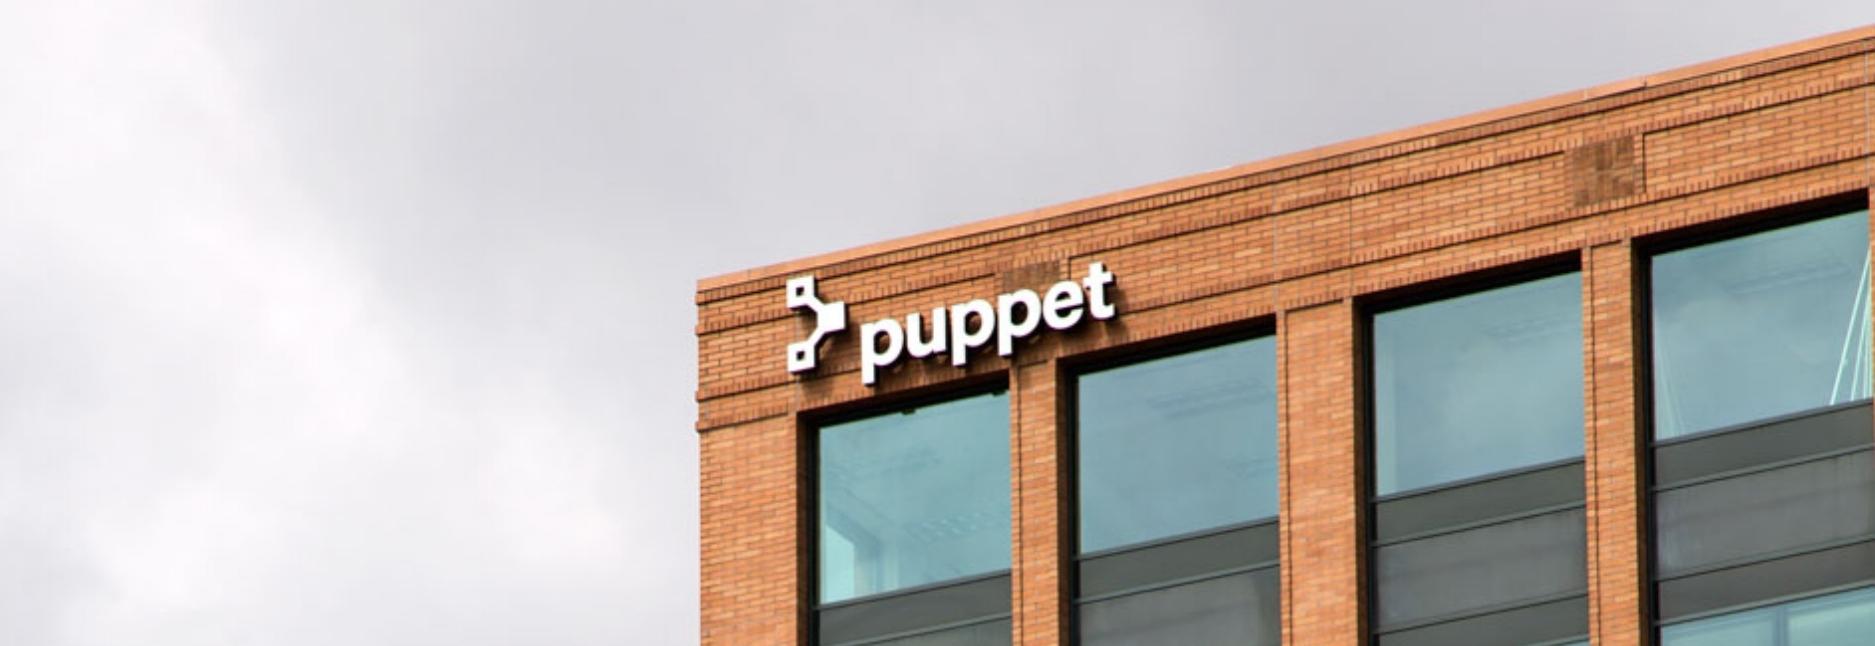 Puppet's_office_in_Portland,_Oregon (1).jpg